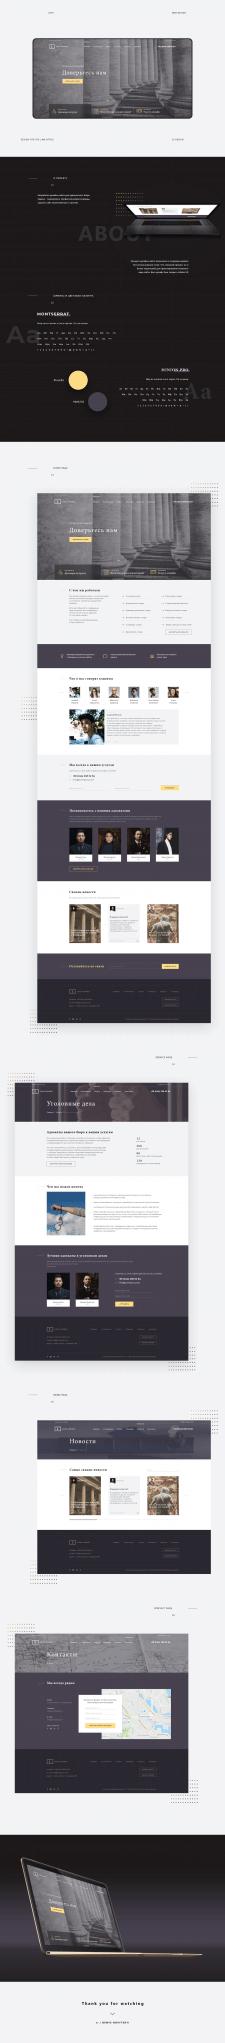 Разработка дизайна сайта для адвокатского бюро